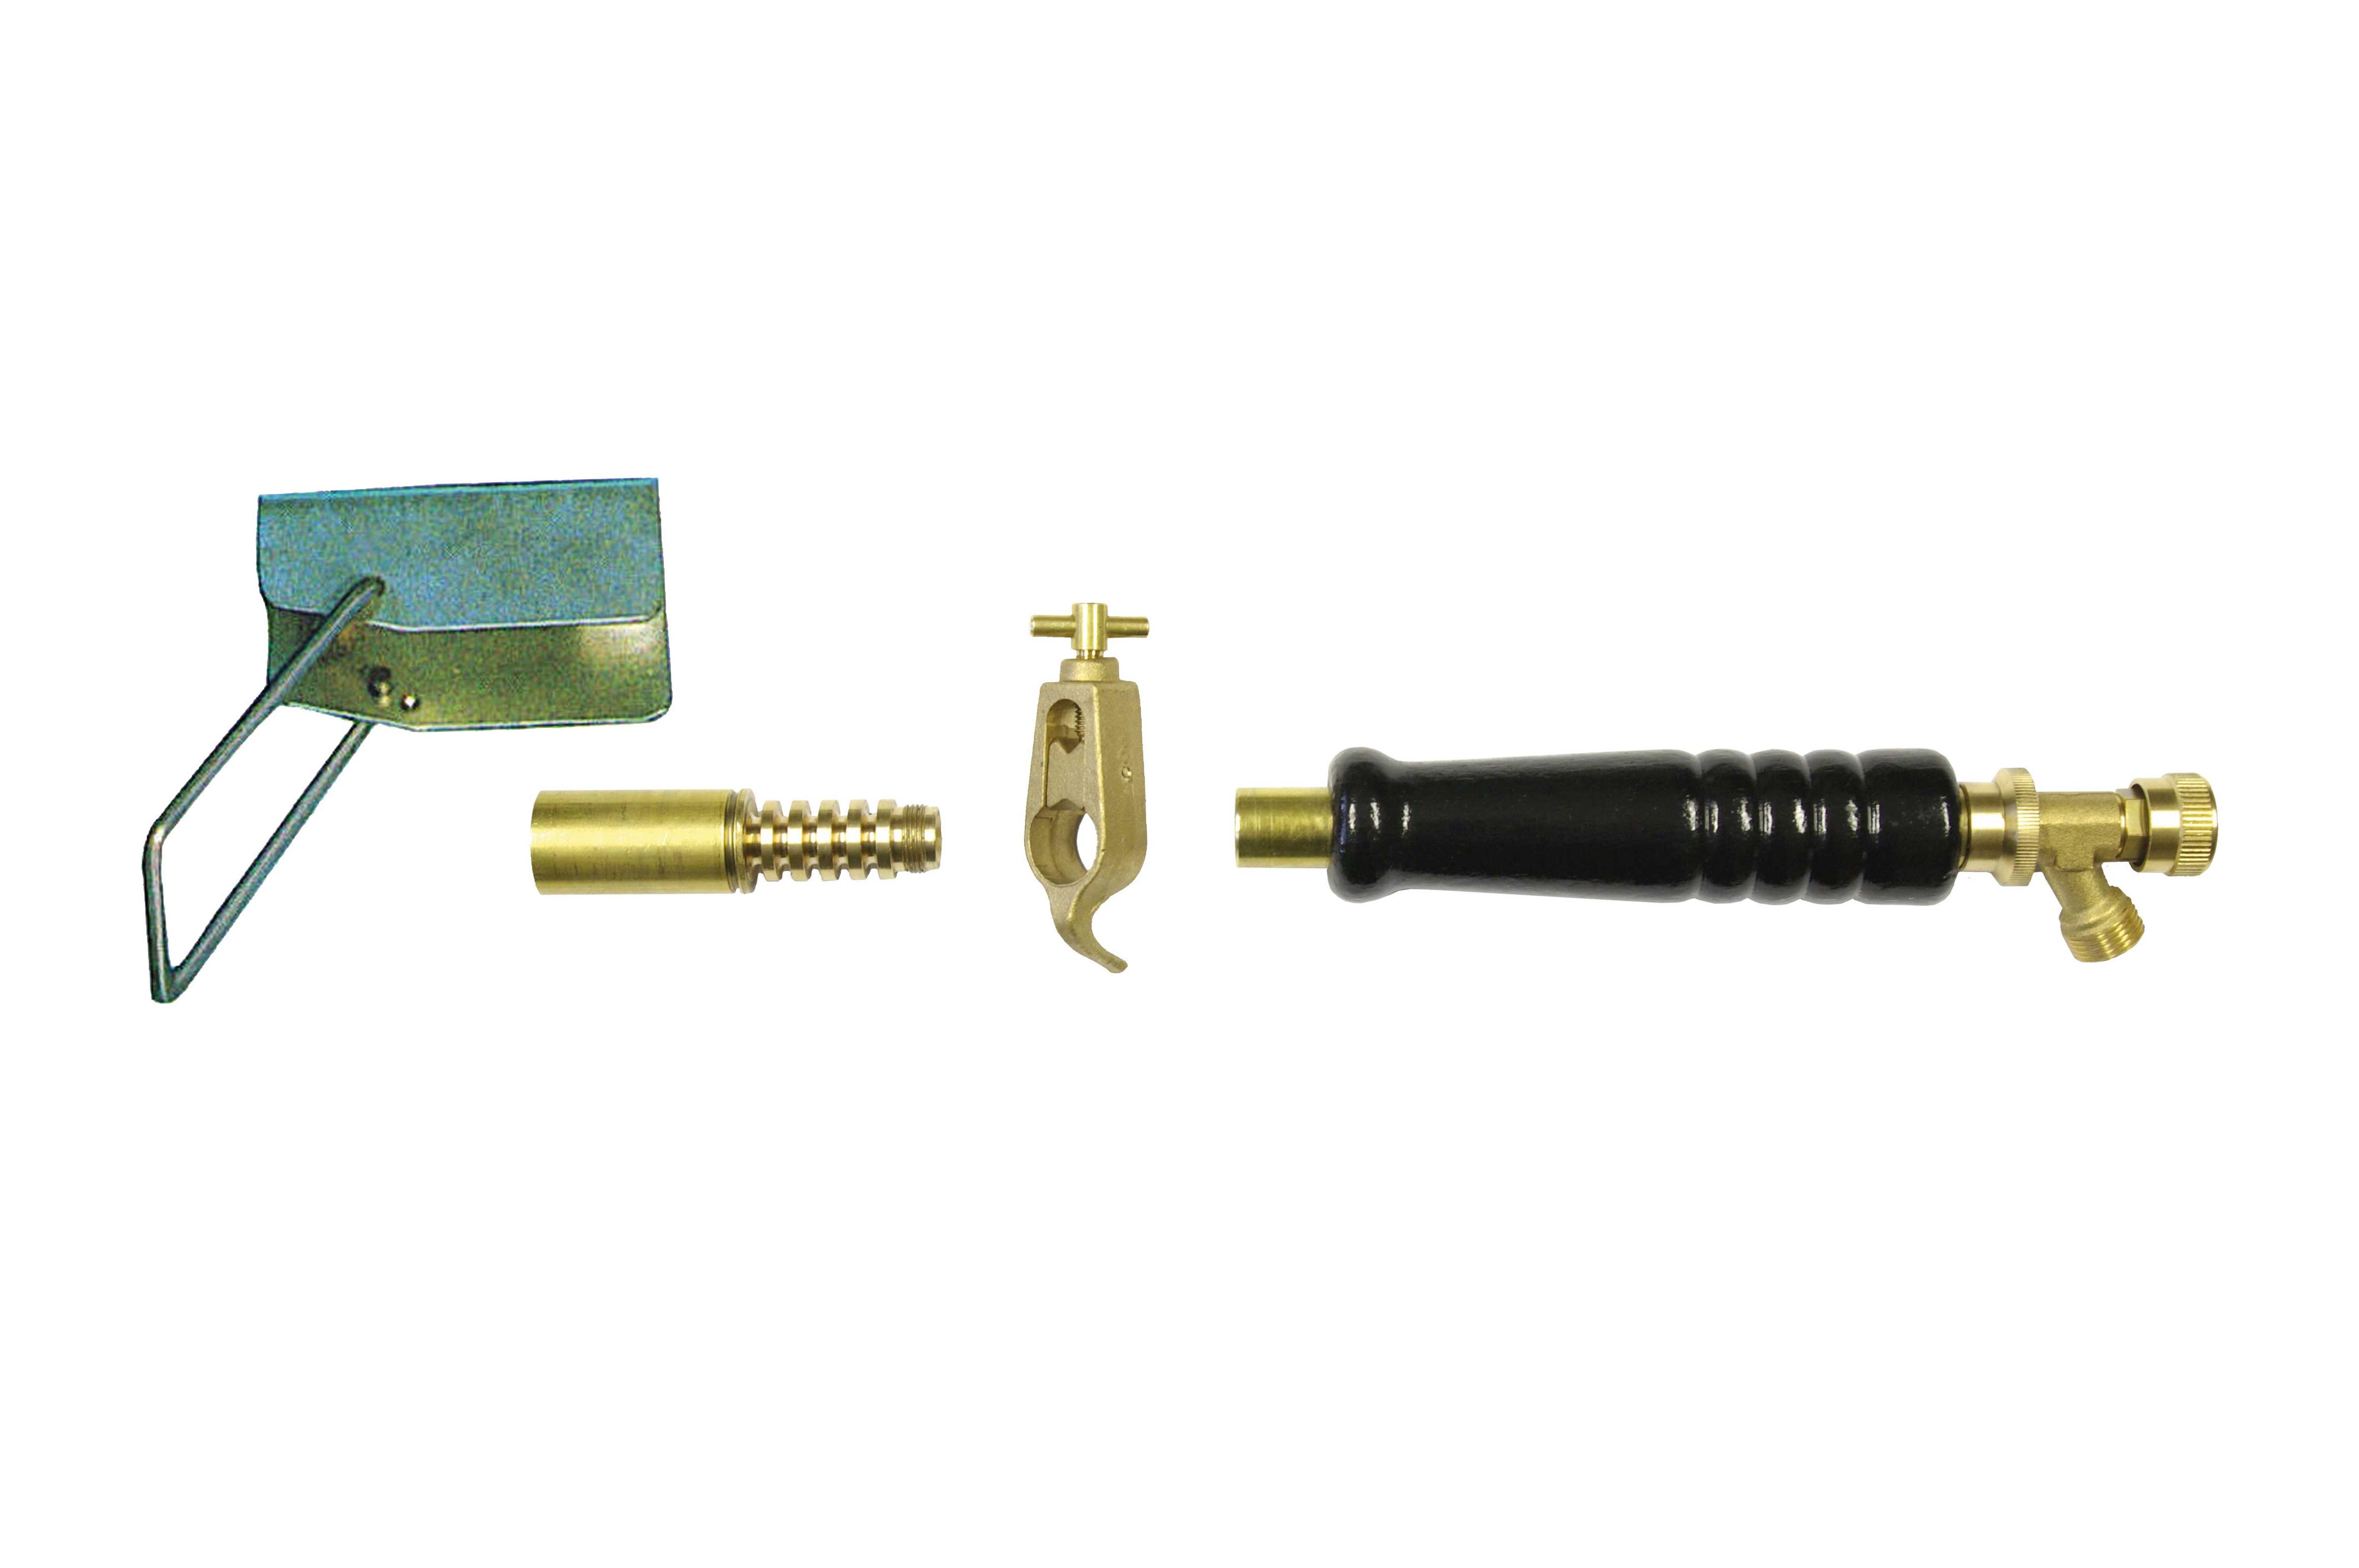 Kolbenlötbrenner / Insert soldering iron